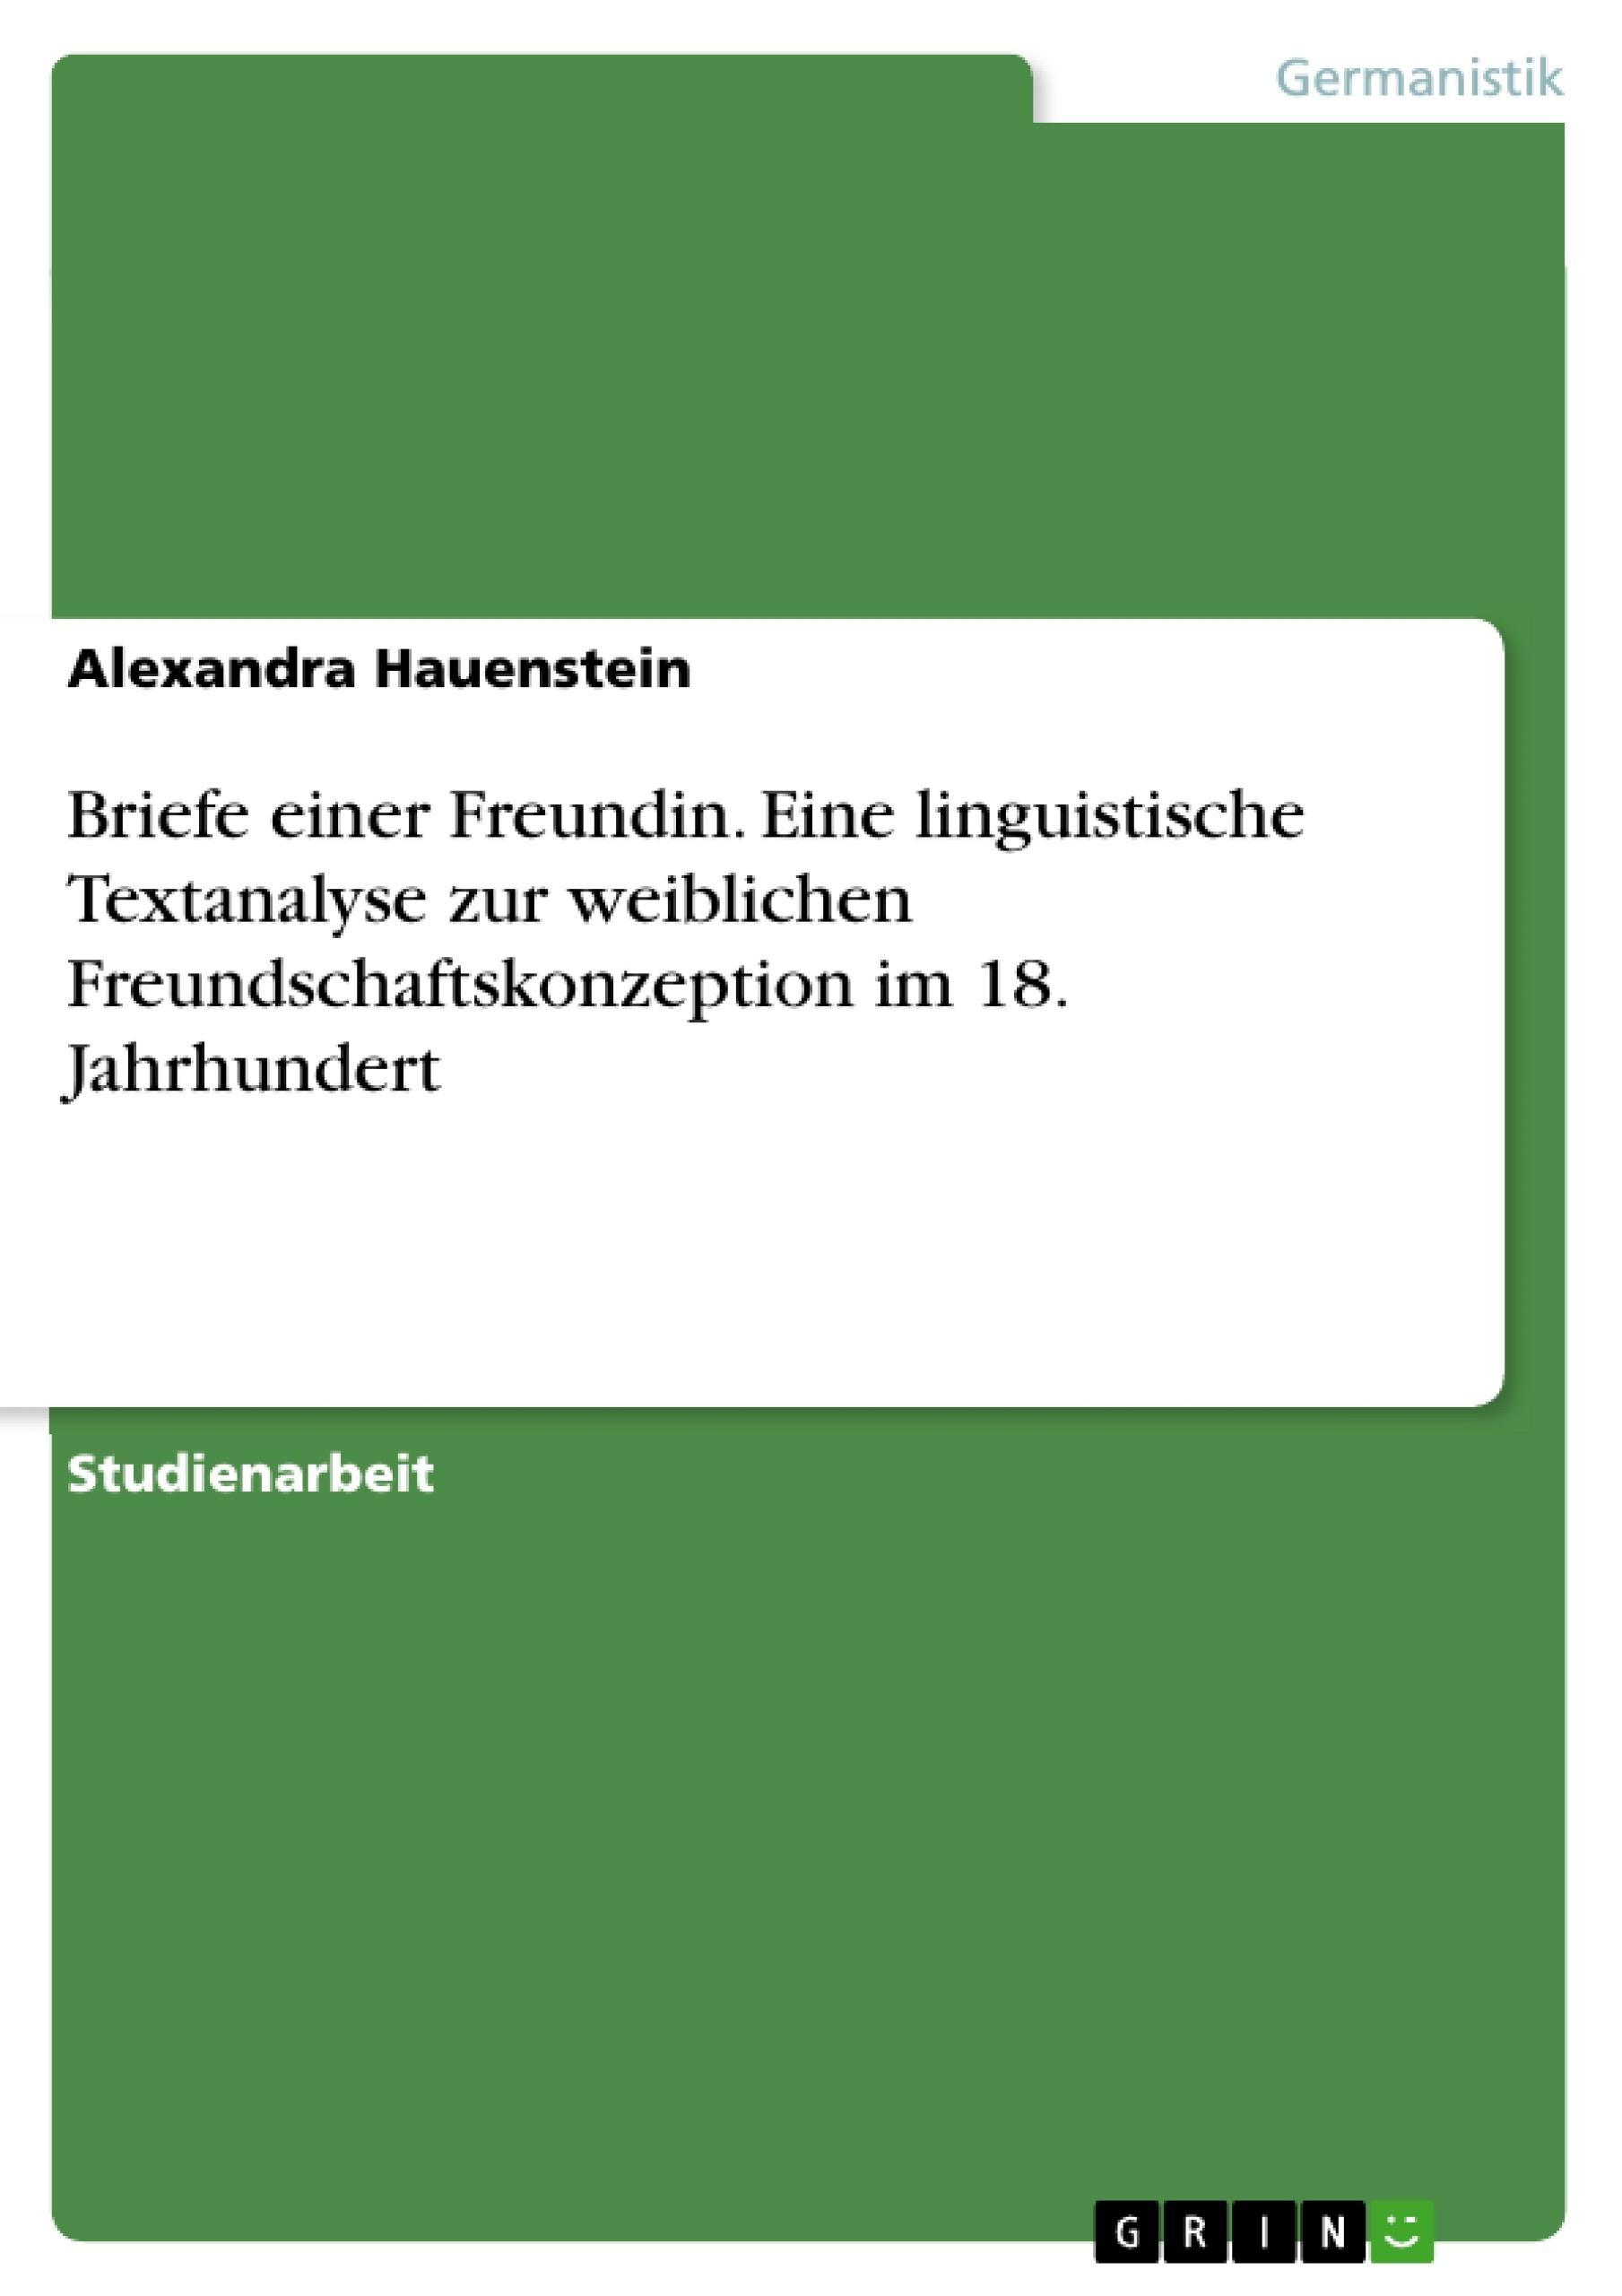 Titel: Briefe einer Freundin. Eine linguistische Textanalyse zur weiblichen Freundschaftskonzeption im 18. Jahrhundert